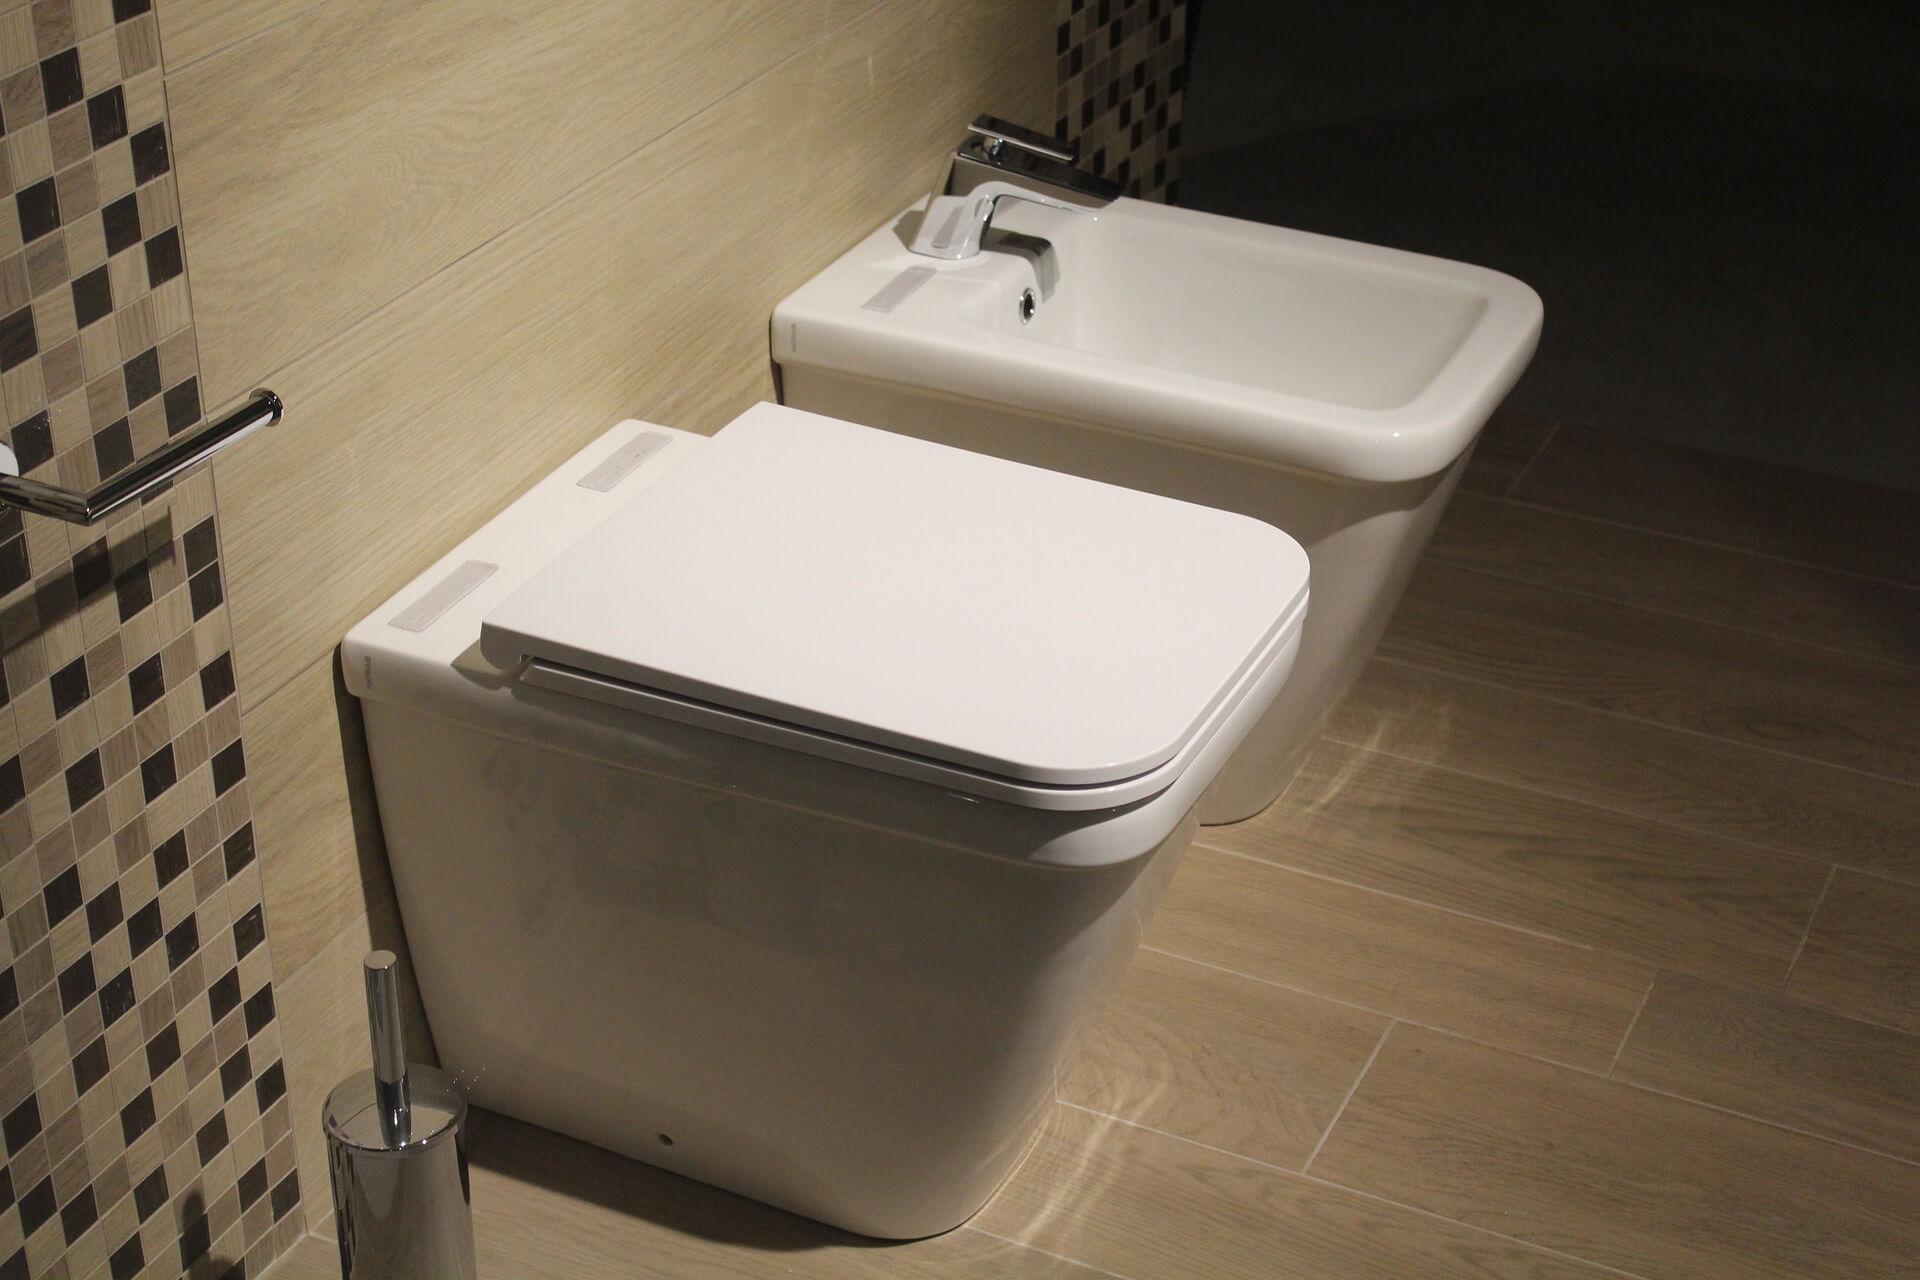 Závěsné WC – ano či ne v souvislosti s přístupem ke stoupačkám